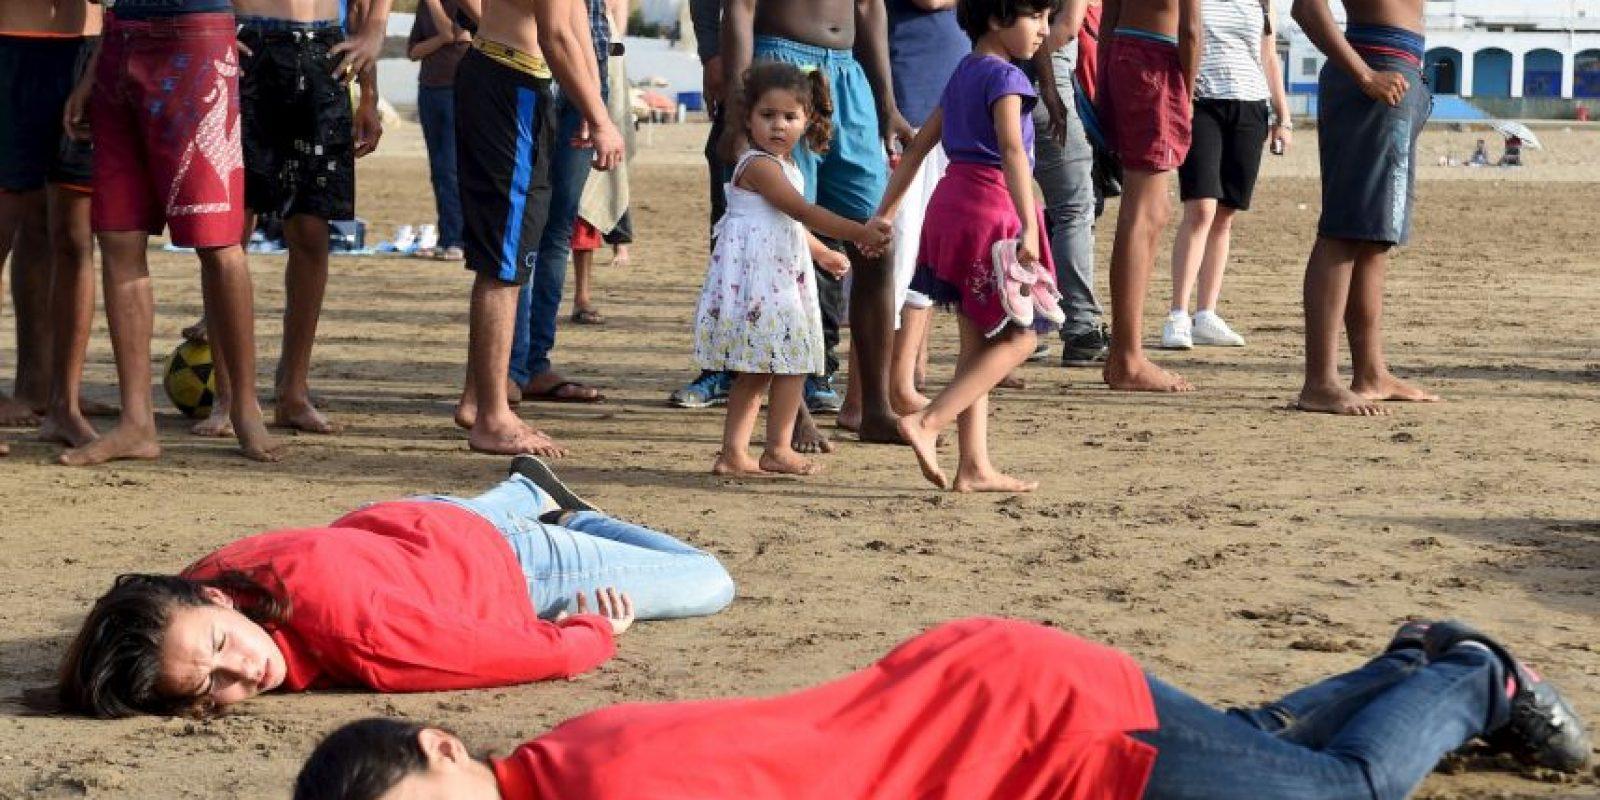 Su muerte causó gran indignación. Gente al rededor del mundo se manifestó de distintas maneras. Foto:AFP